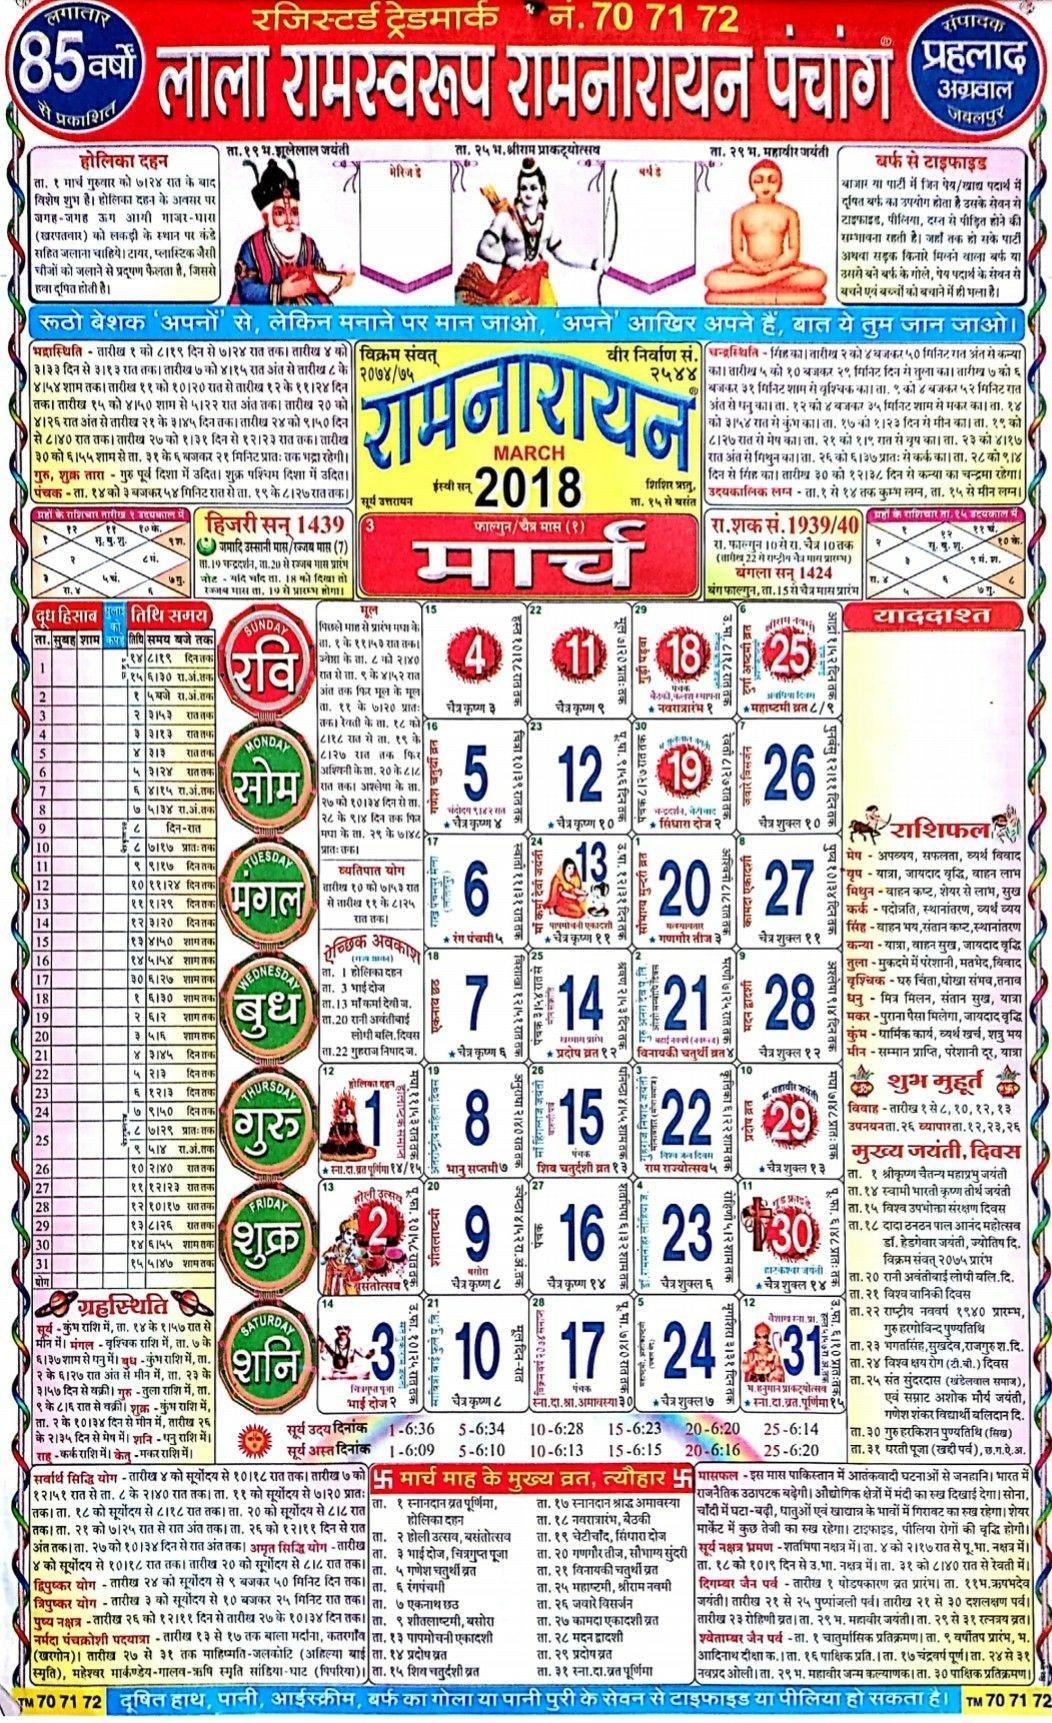 For Lala Ramswaroop Calendar 2017 | Thekpark-Hadong Calendar 2019 Ramnarayan